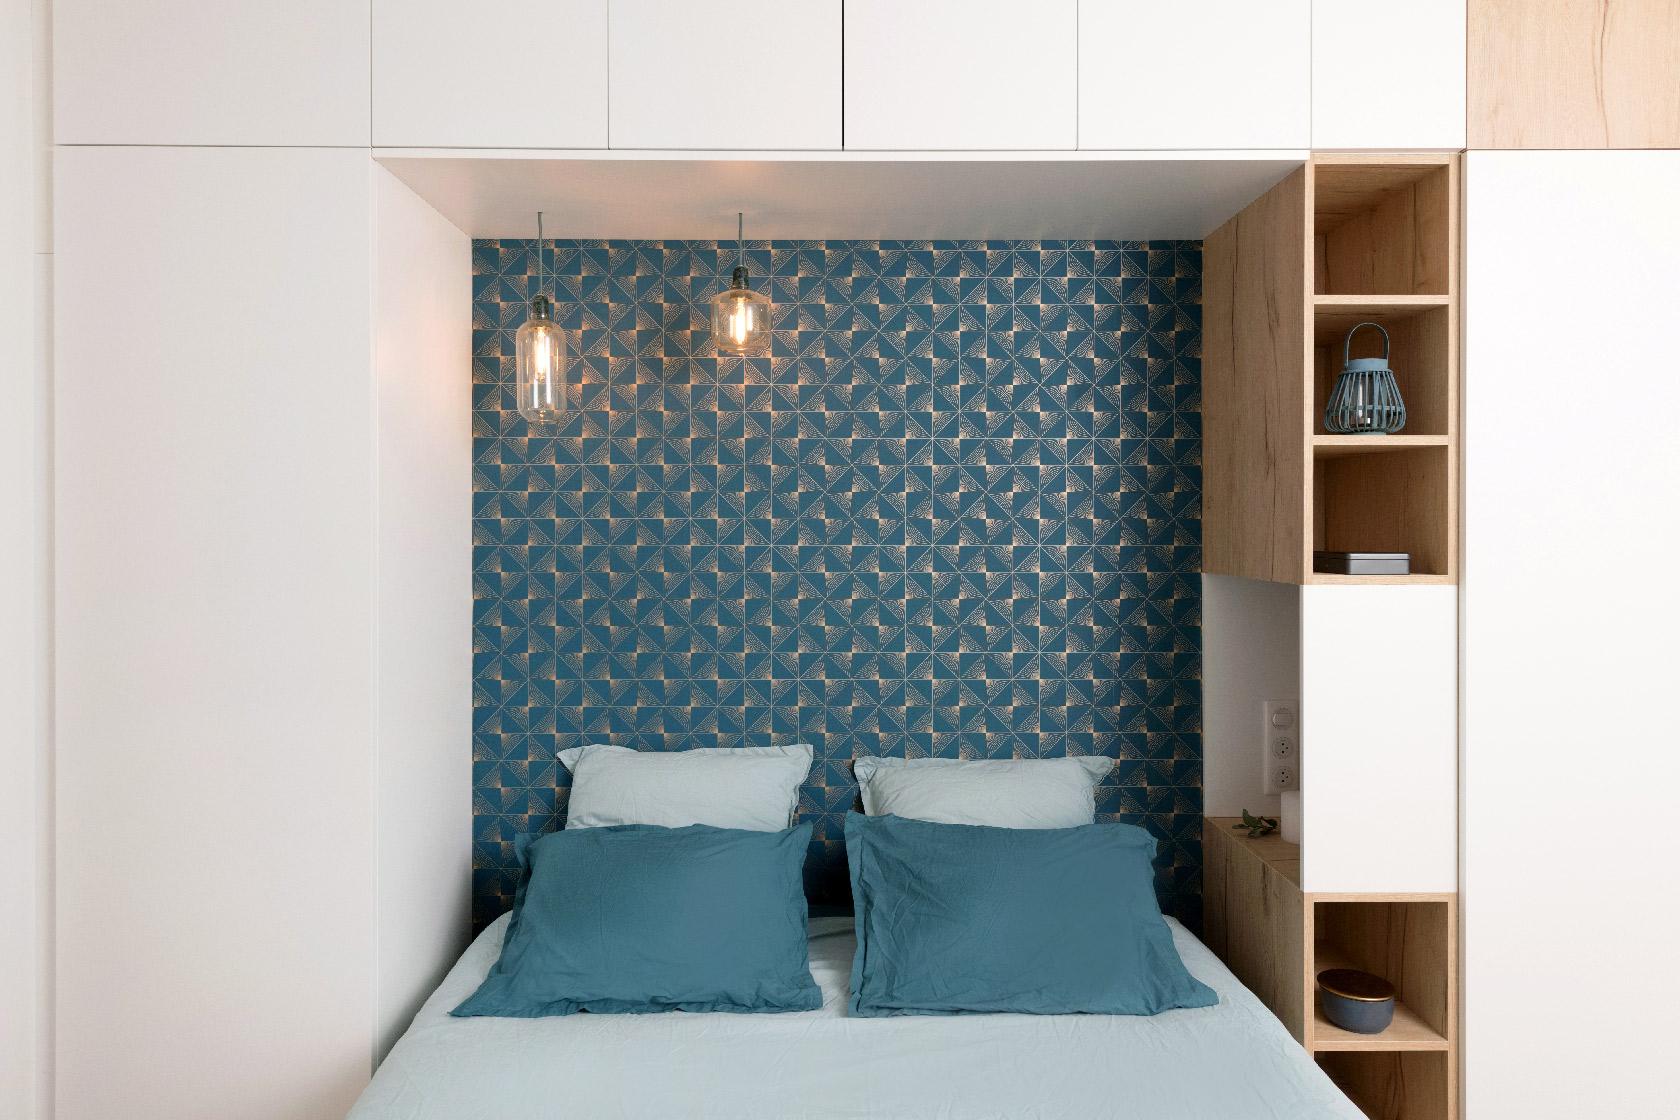 Le lit pont encadre un lit en 160 cm et permet de cacher tout une partie dressing.